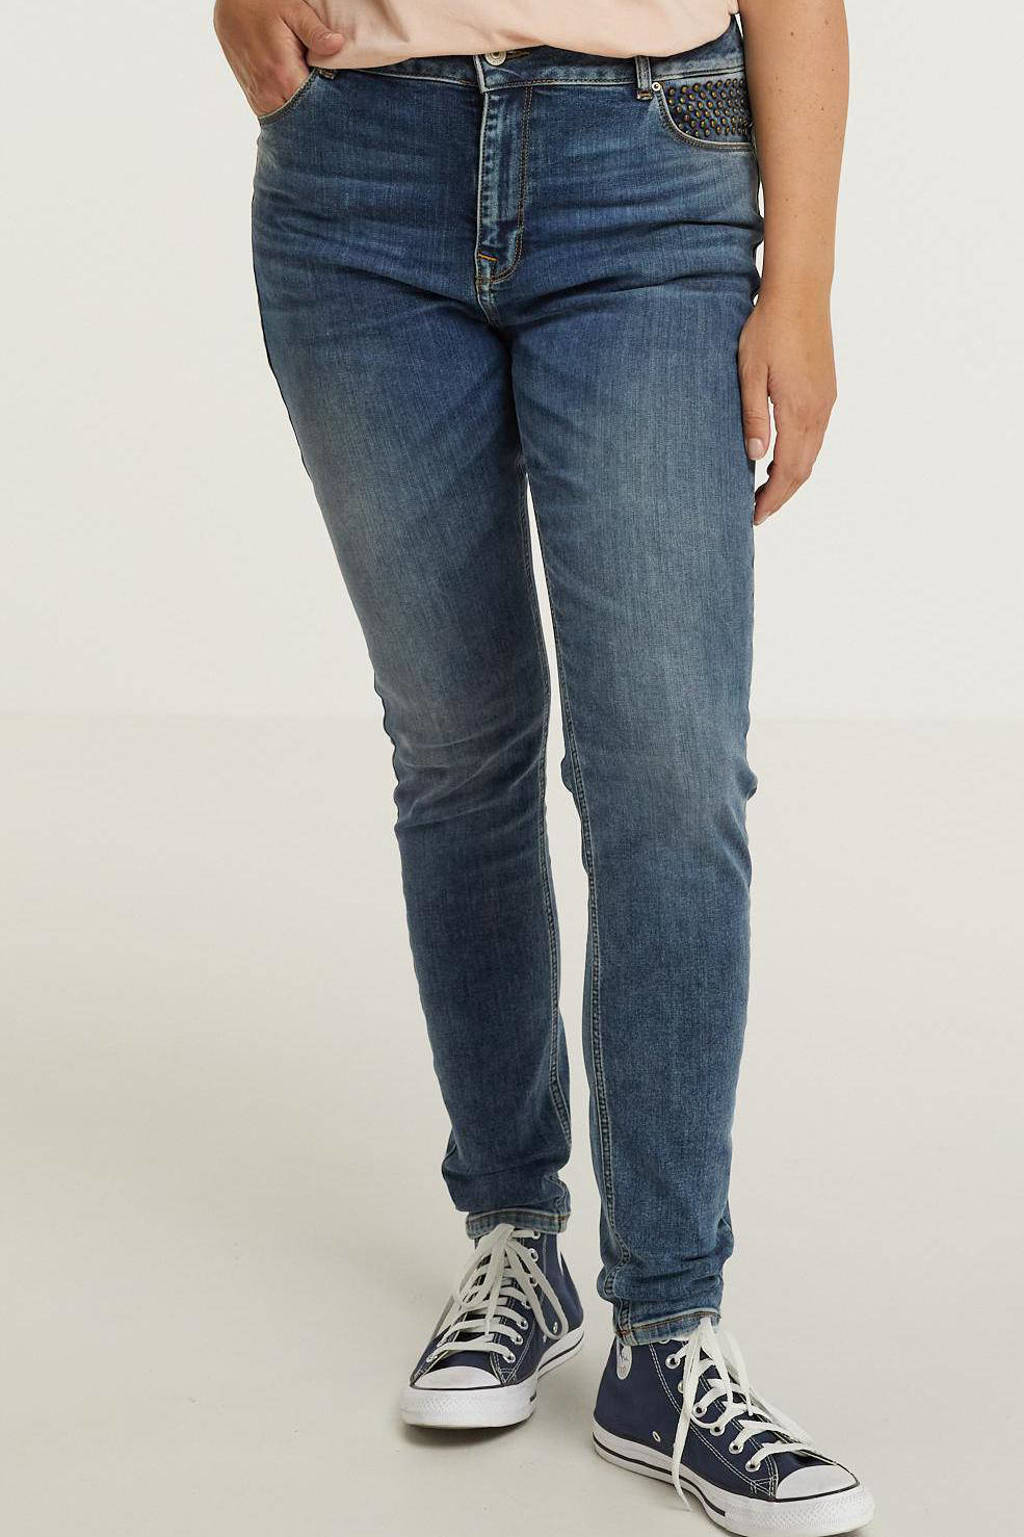 LTB skinny jeans ALVENA 53407 jama studs wash, 53407 Jama Studs Wash